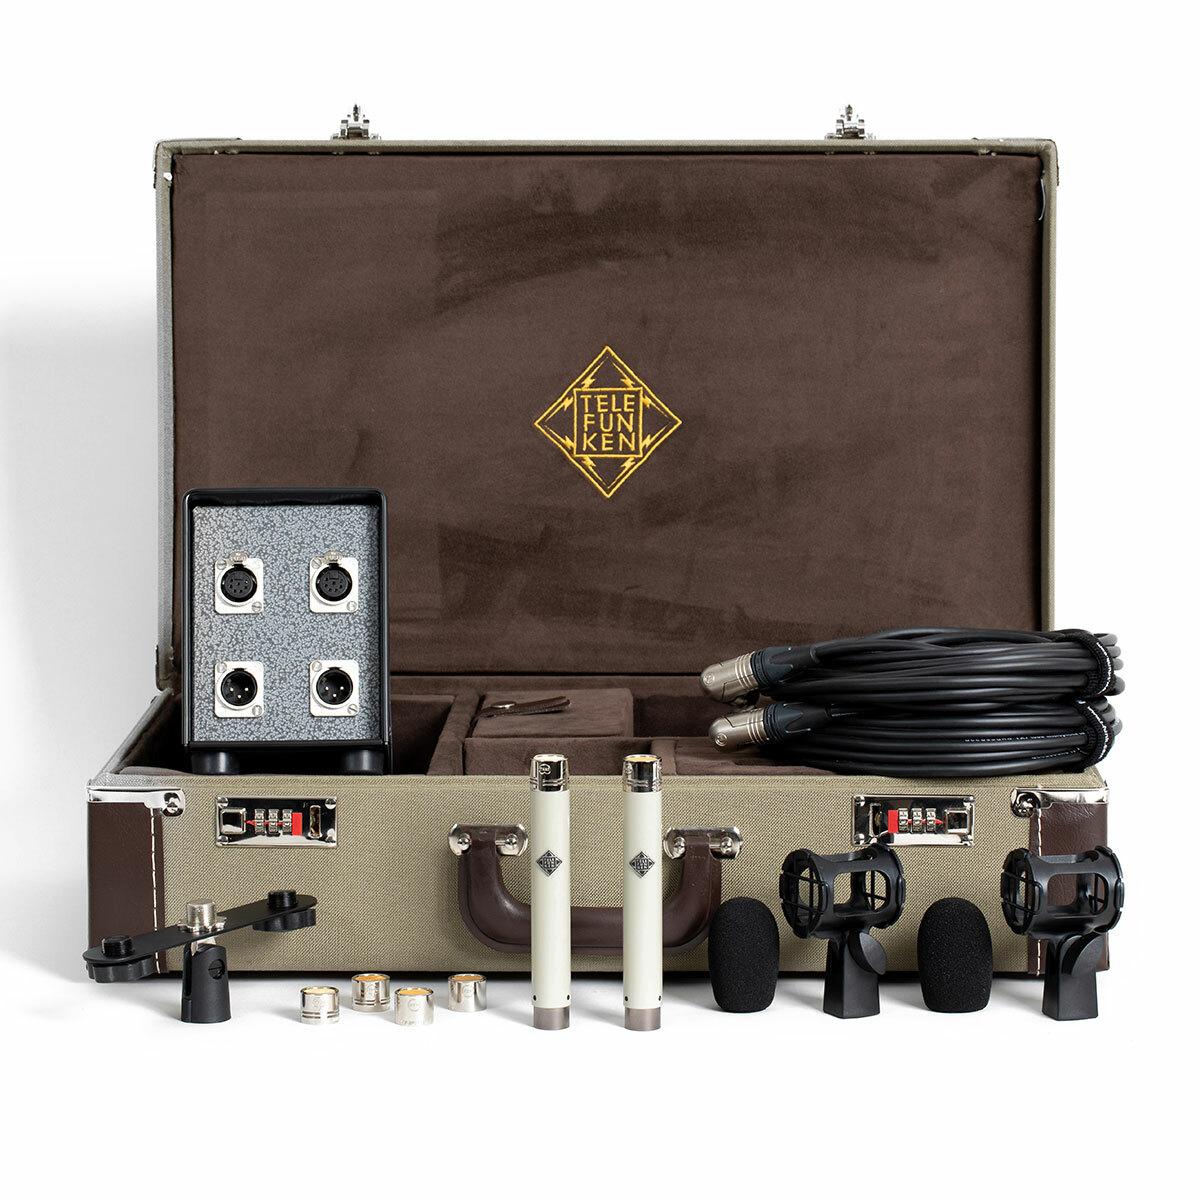 Telefunken M260 Master Stereo Set Microfono valvolare SDC